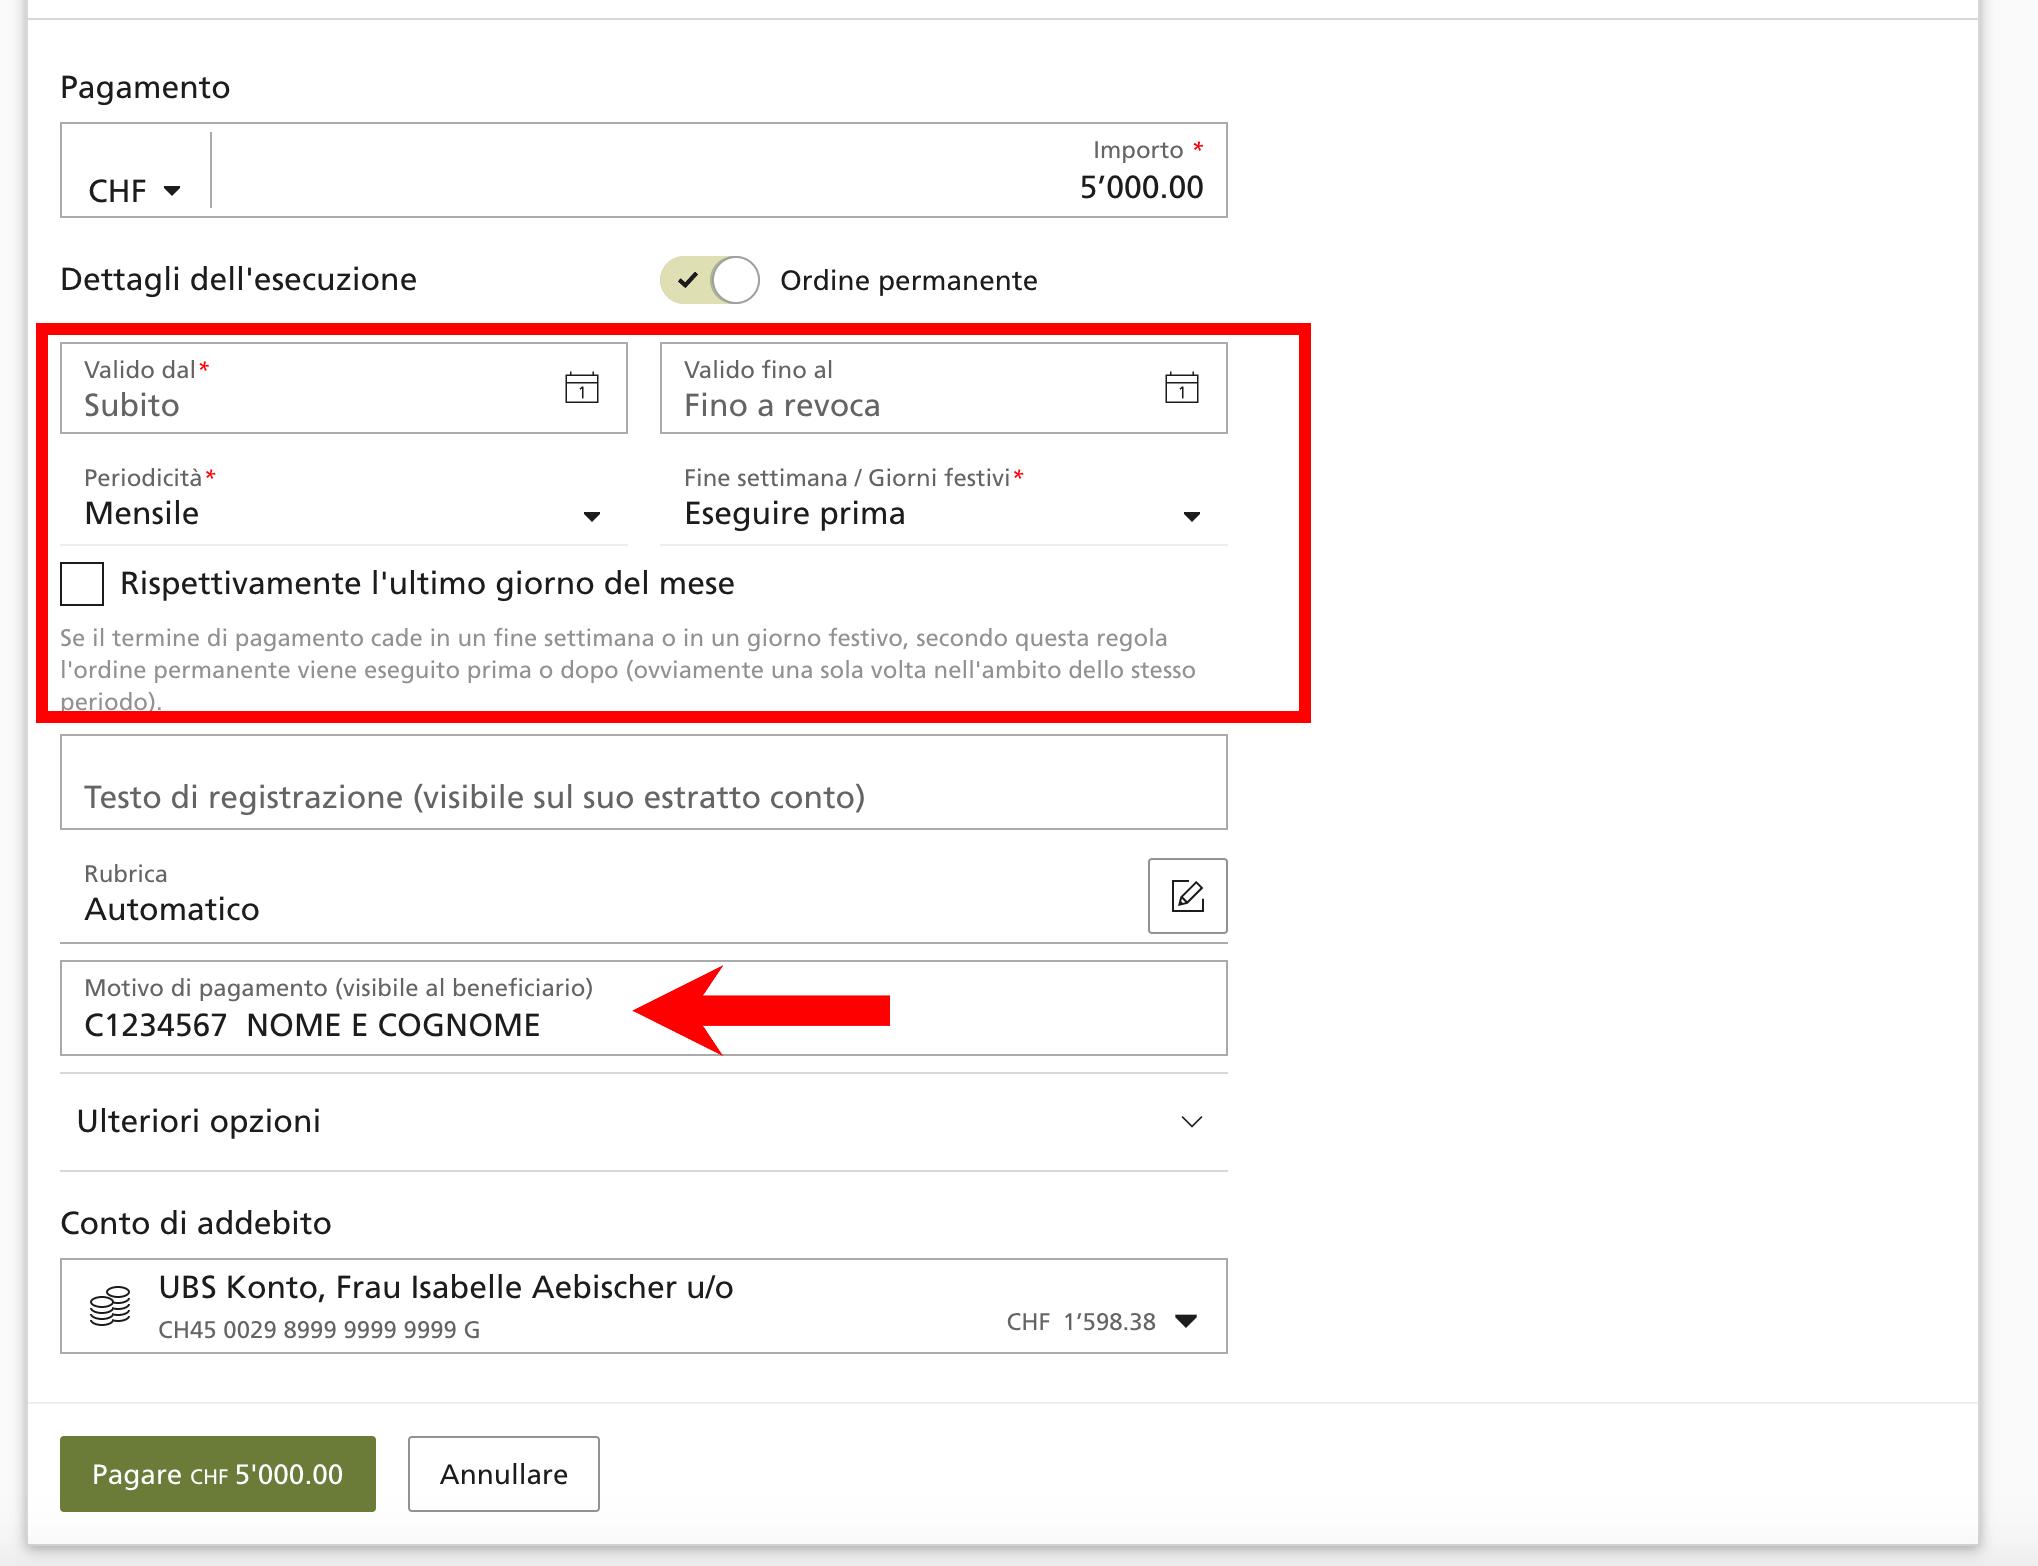 Bonifico conto UBS